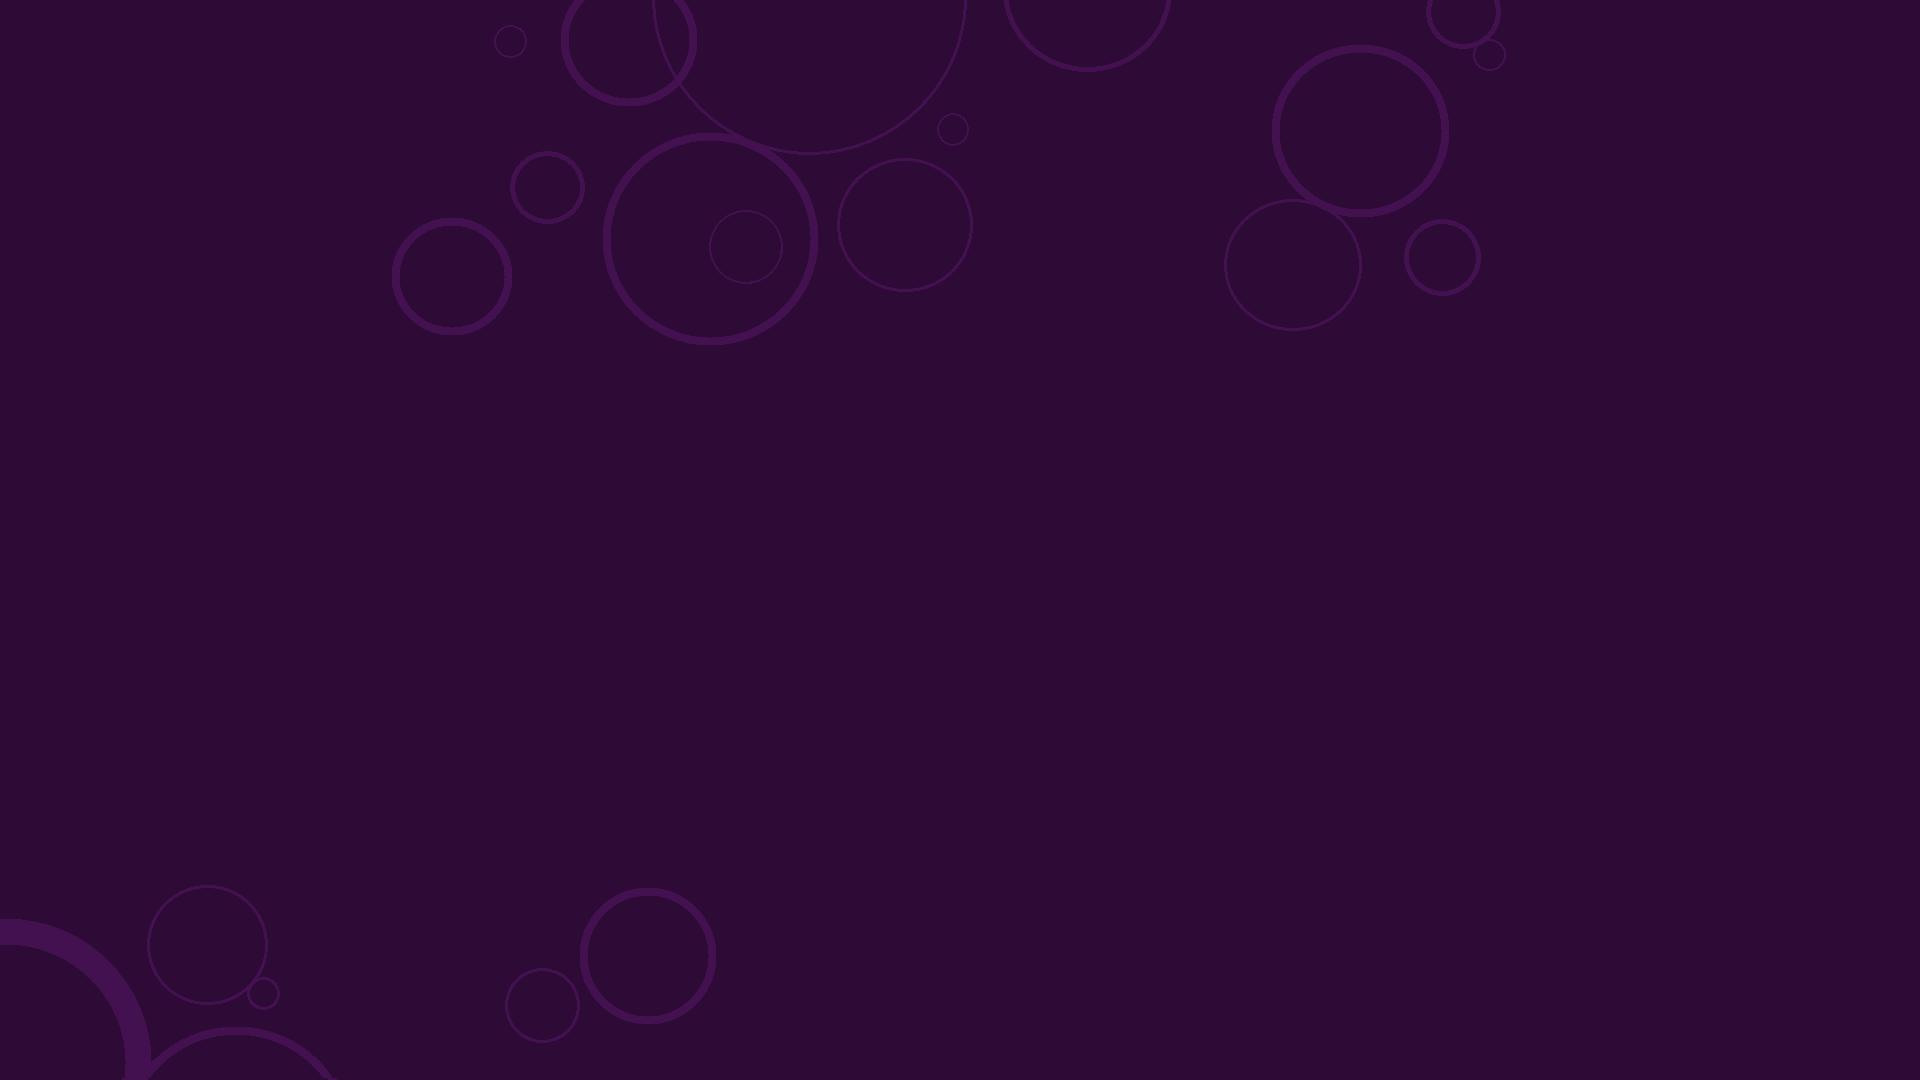 Windows 8 Official Wallpaper Purple Purple Windows Wallpap...